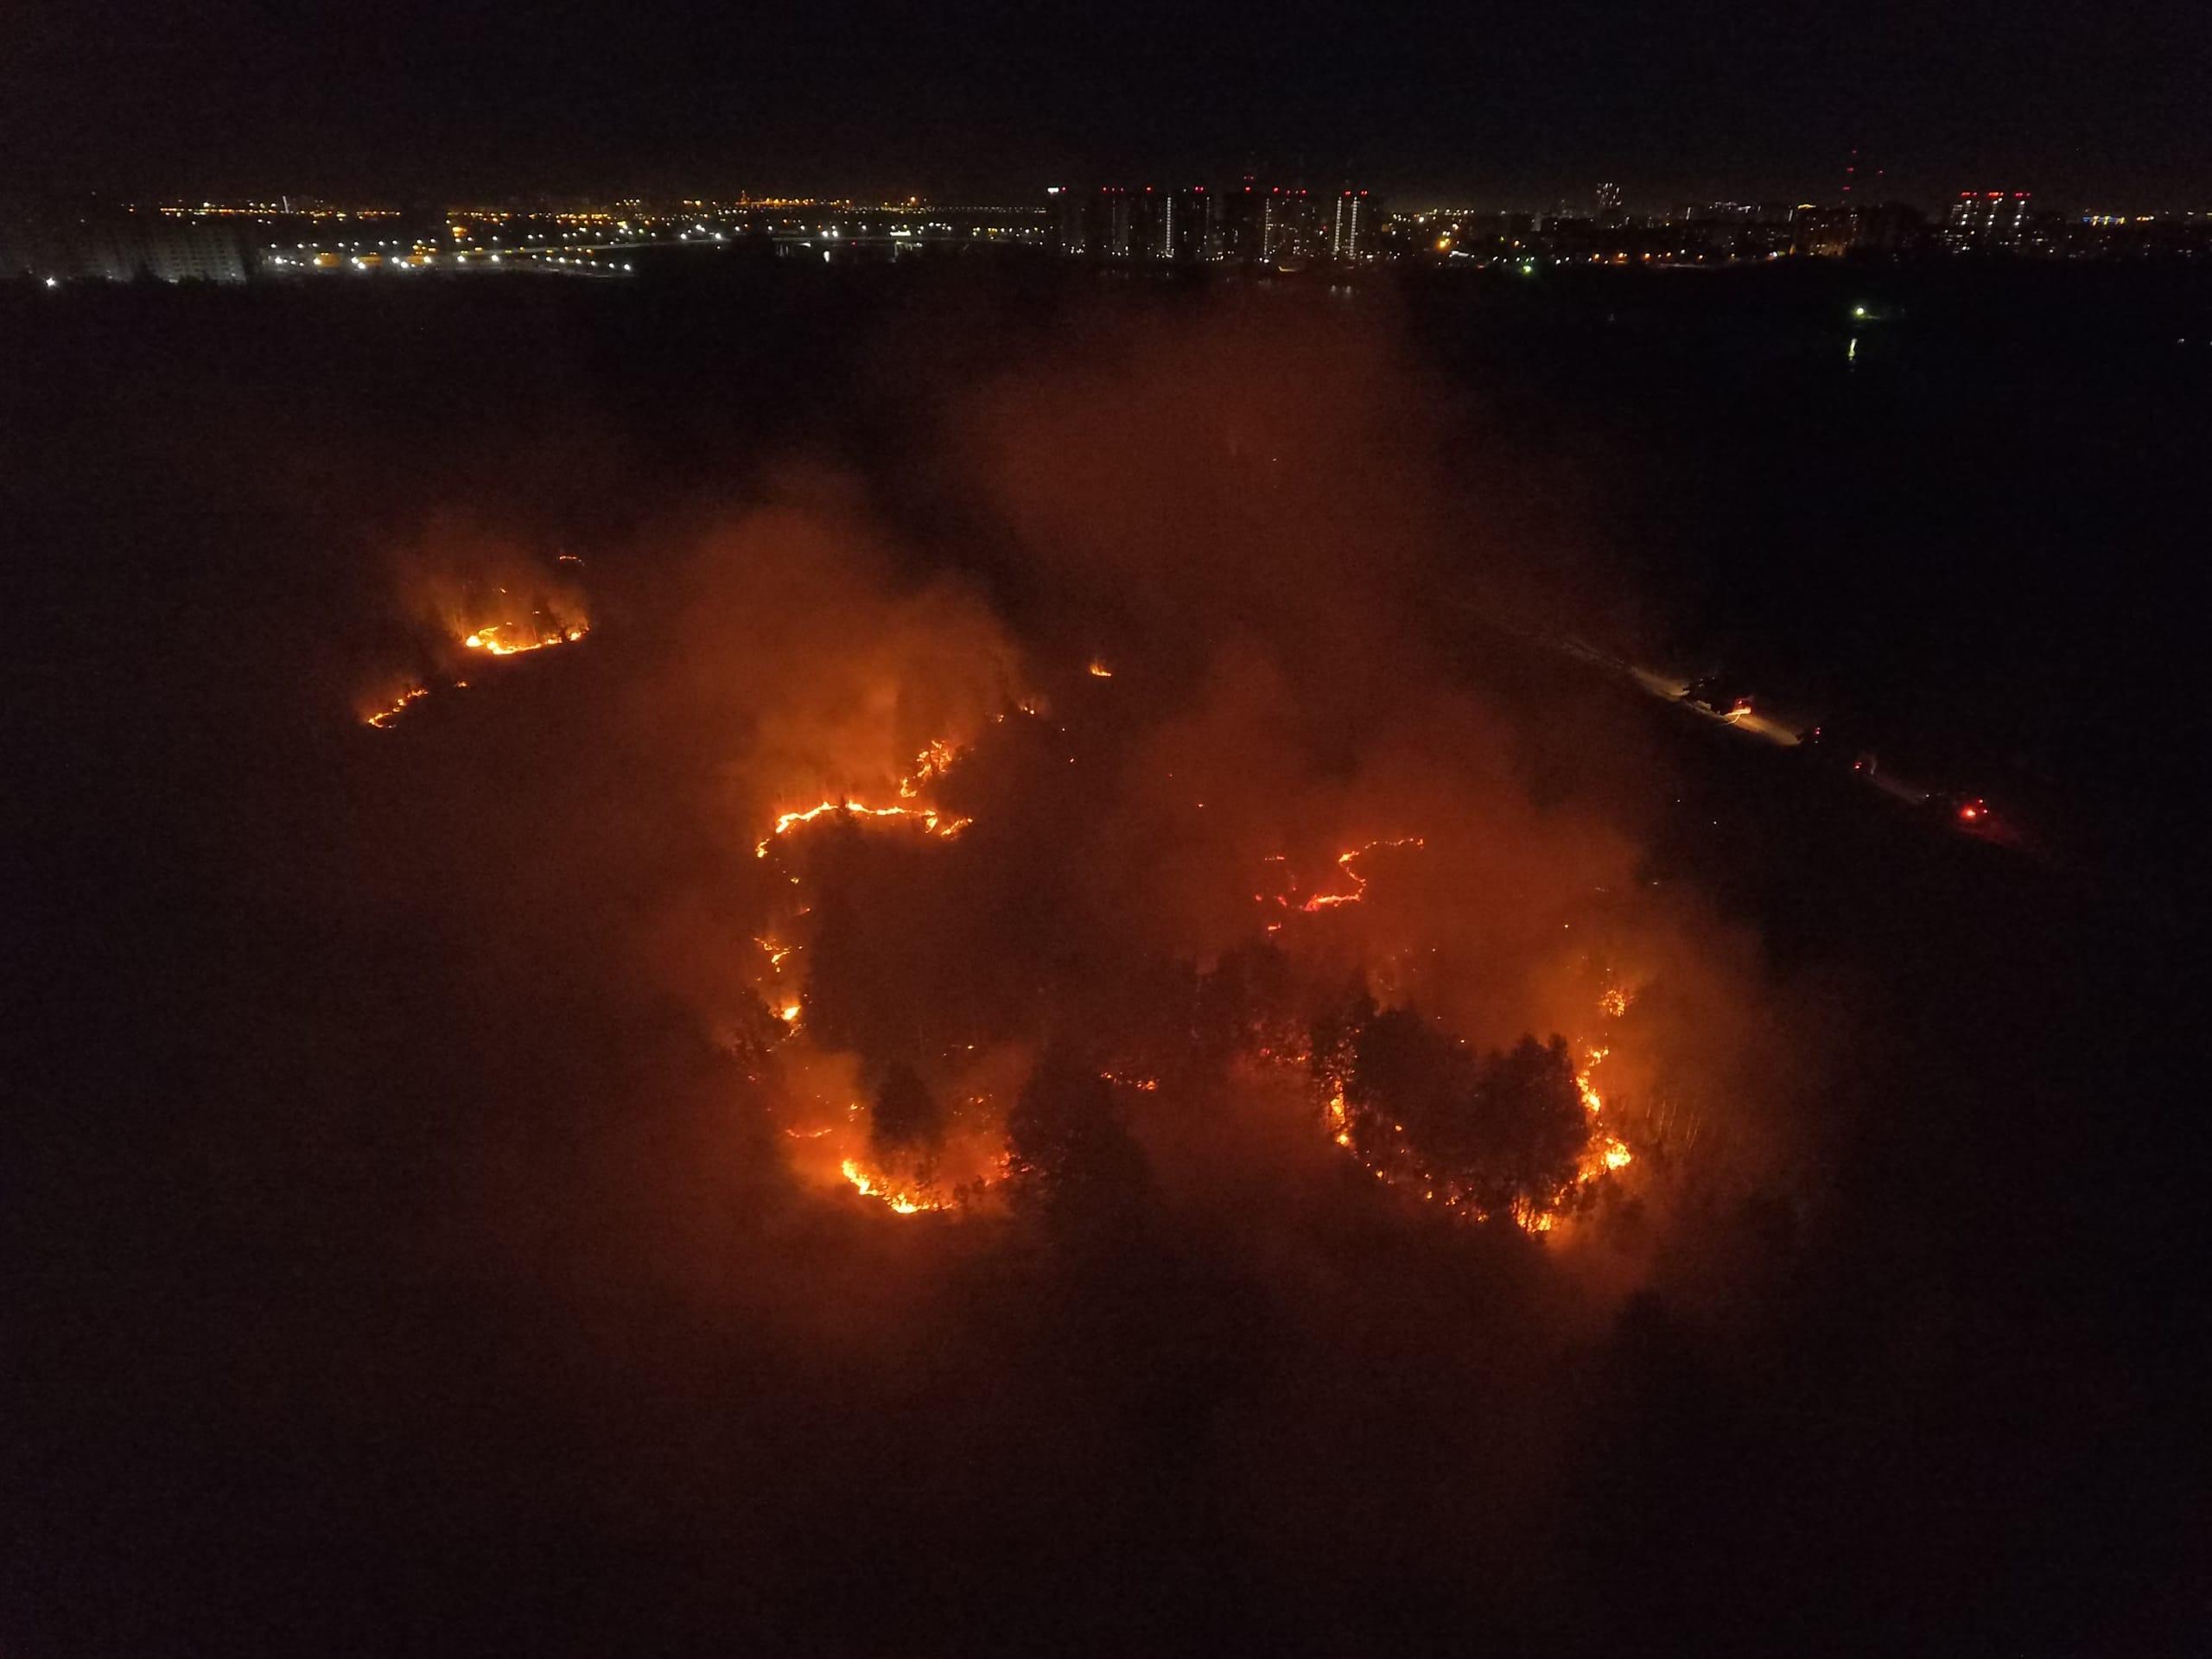 Клубы дыма охватили всю округу в Зареке